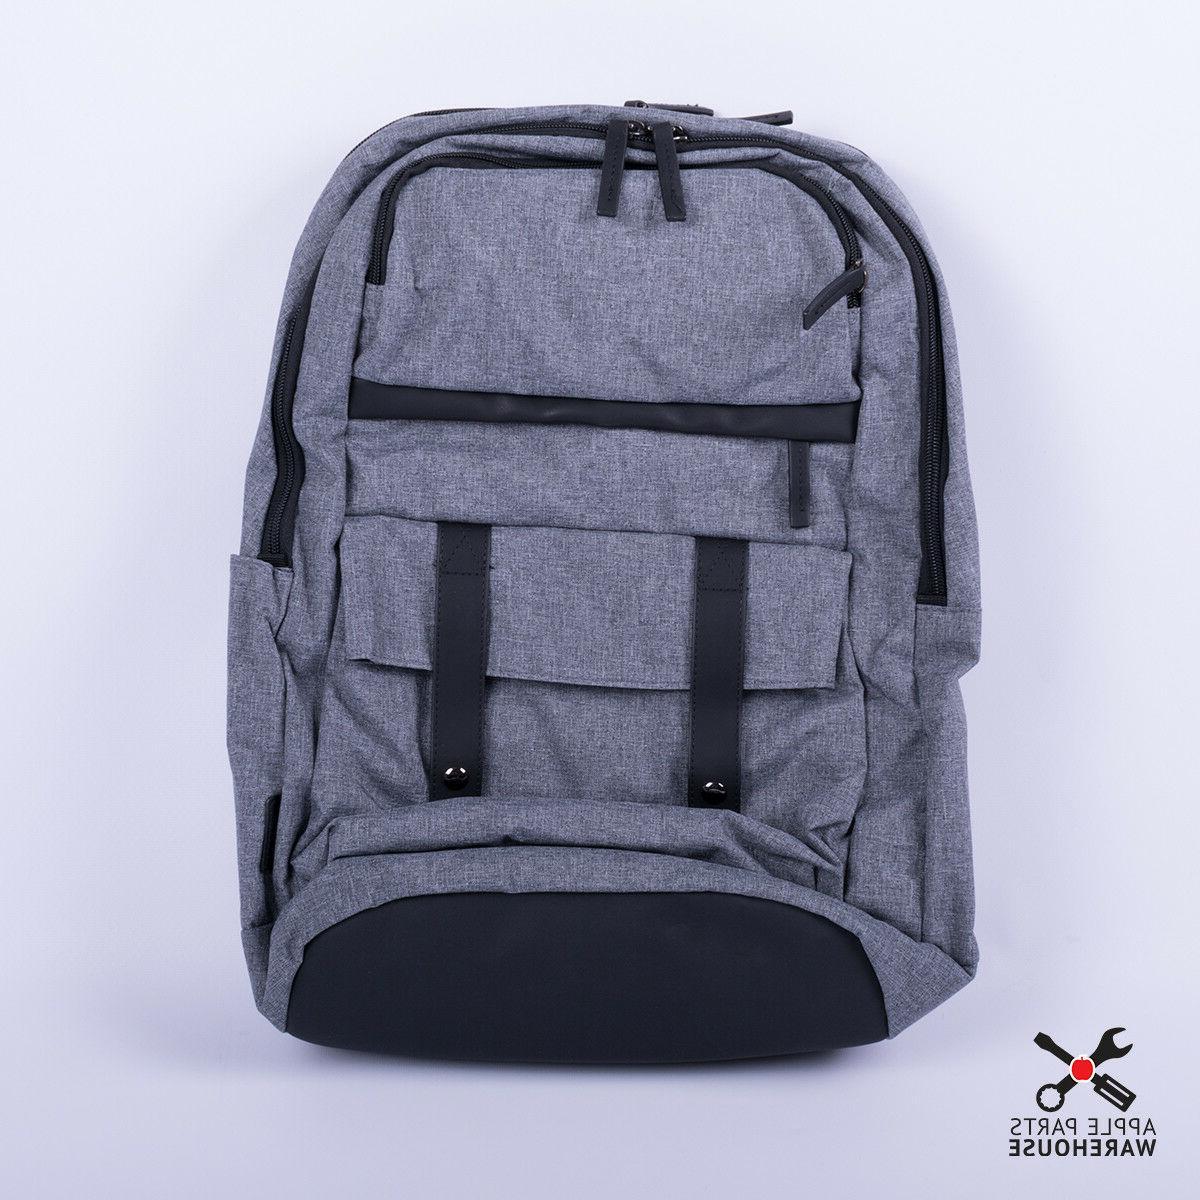 Targus Backpack | |